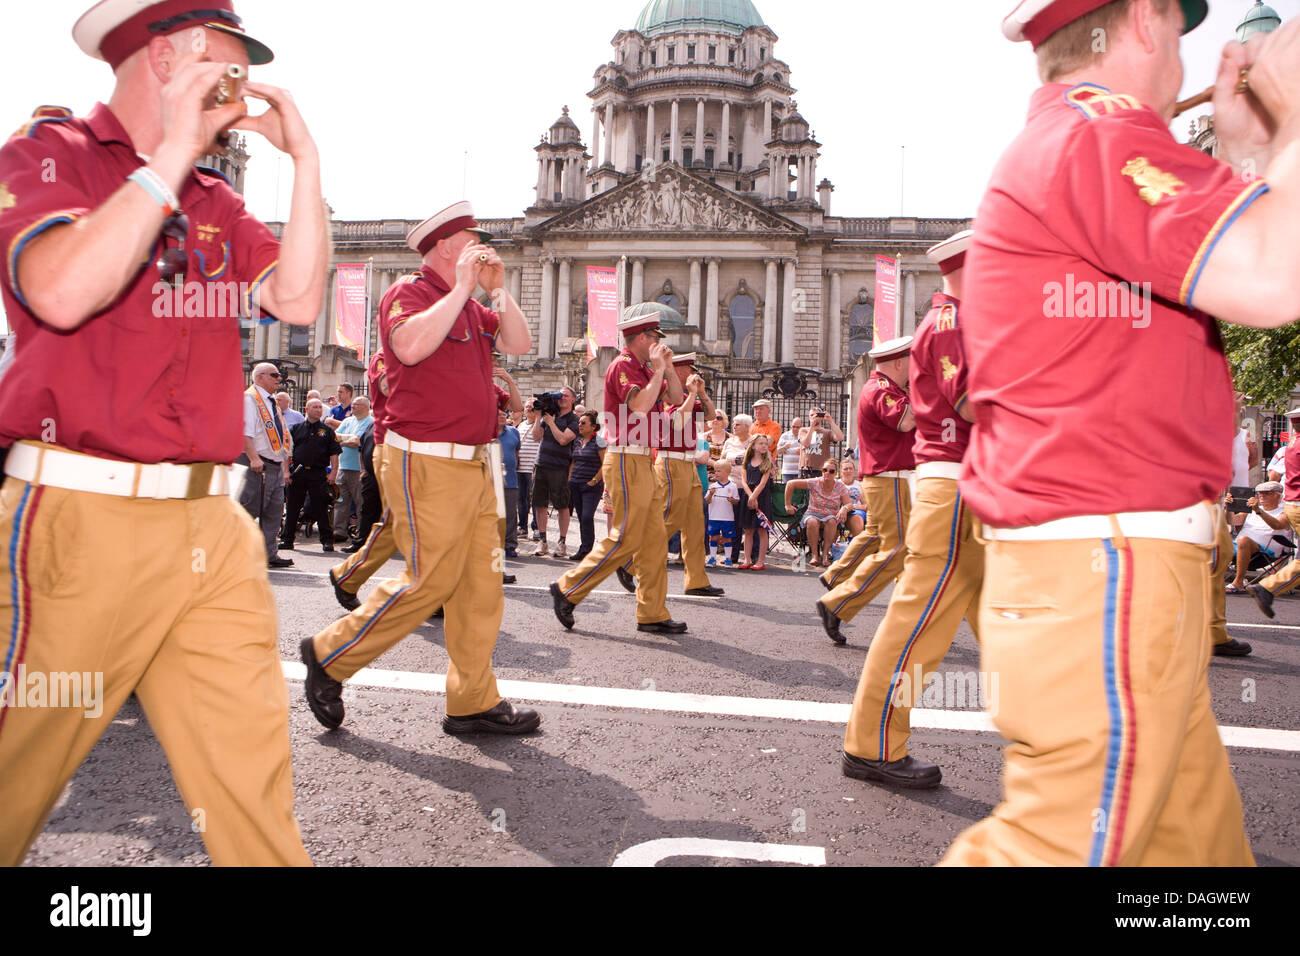 El 12 de julio de 2013 Belfast, Reino Unido. Las bandas de música el 12 de julio Foto de stock